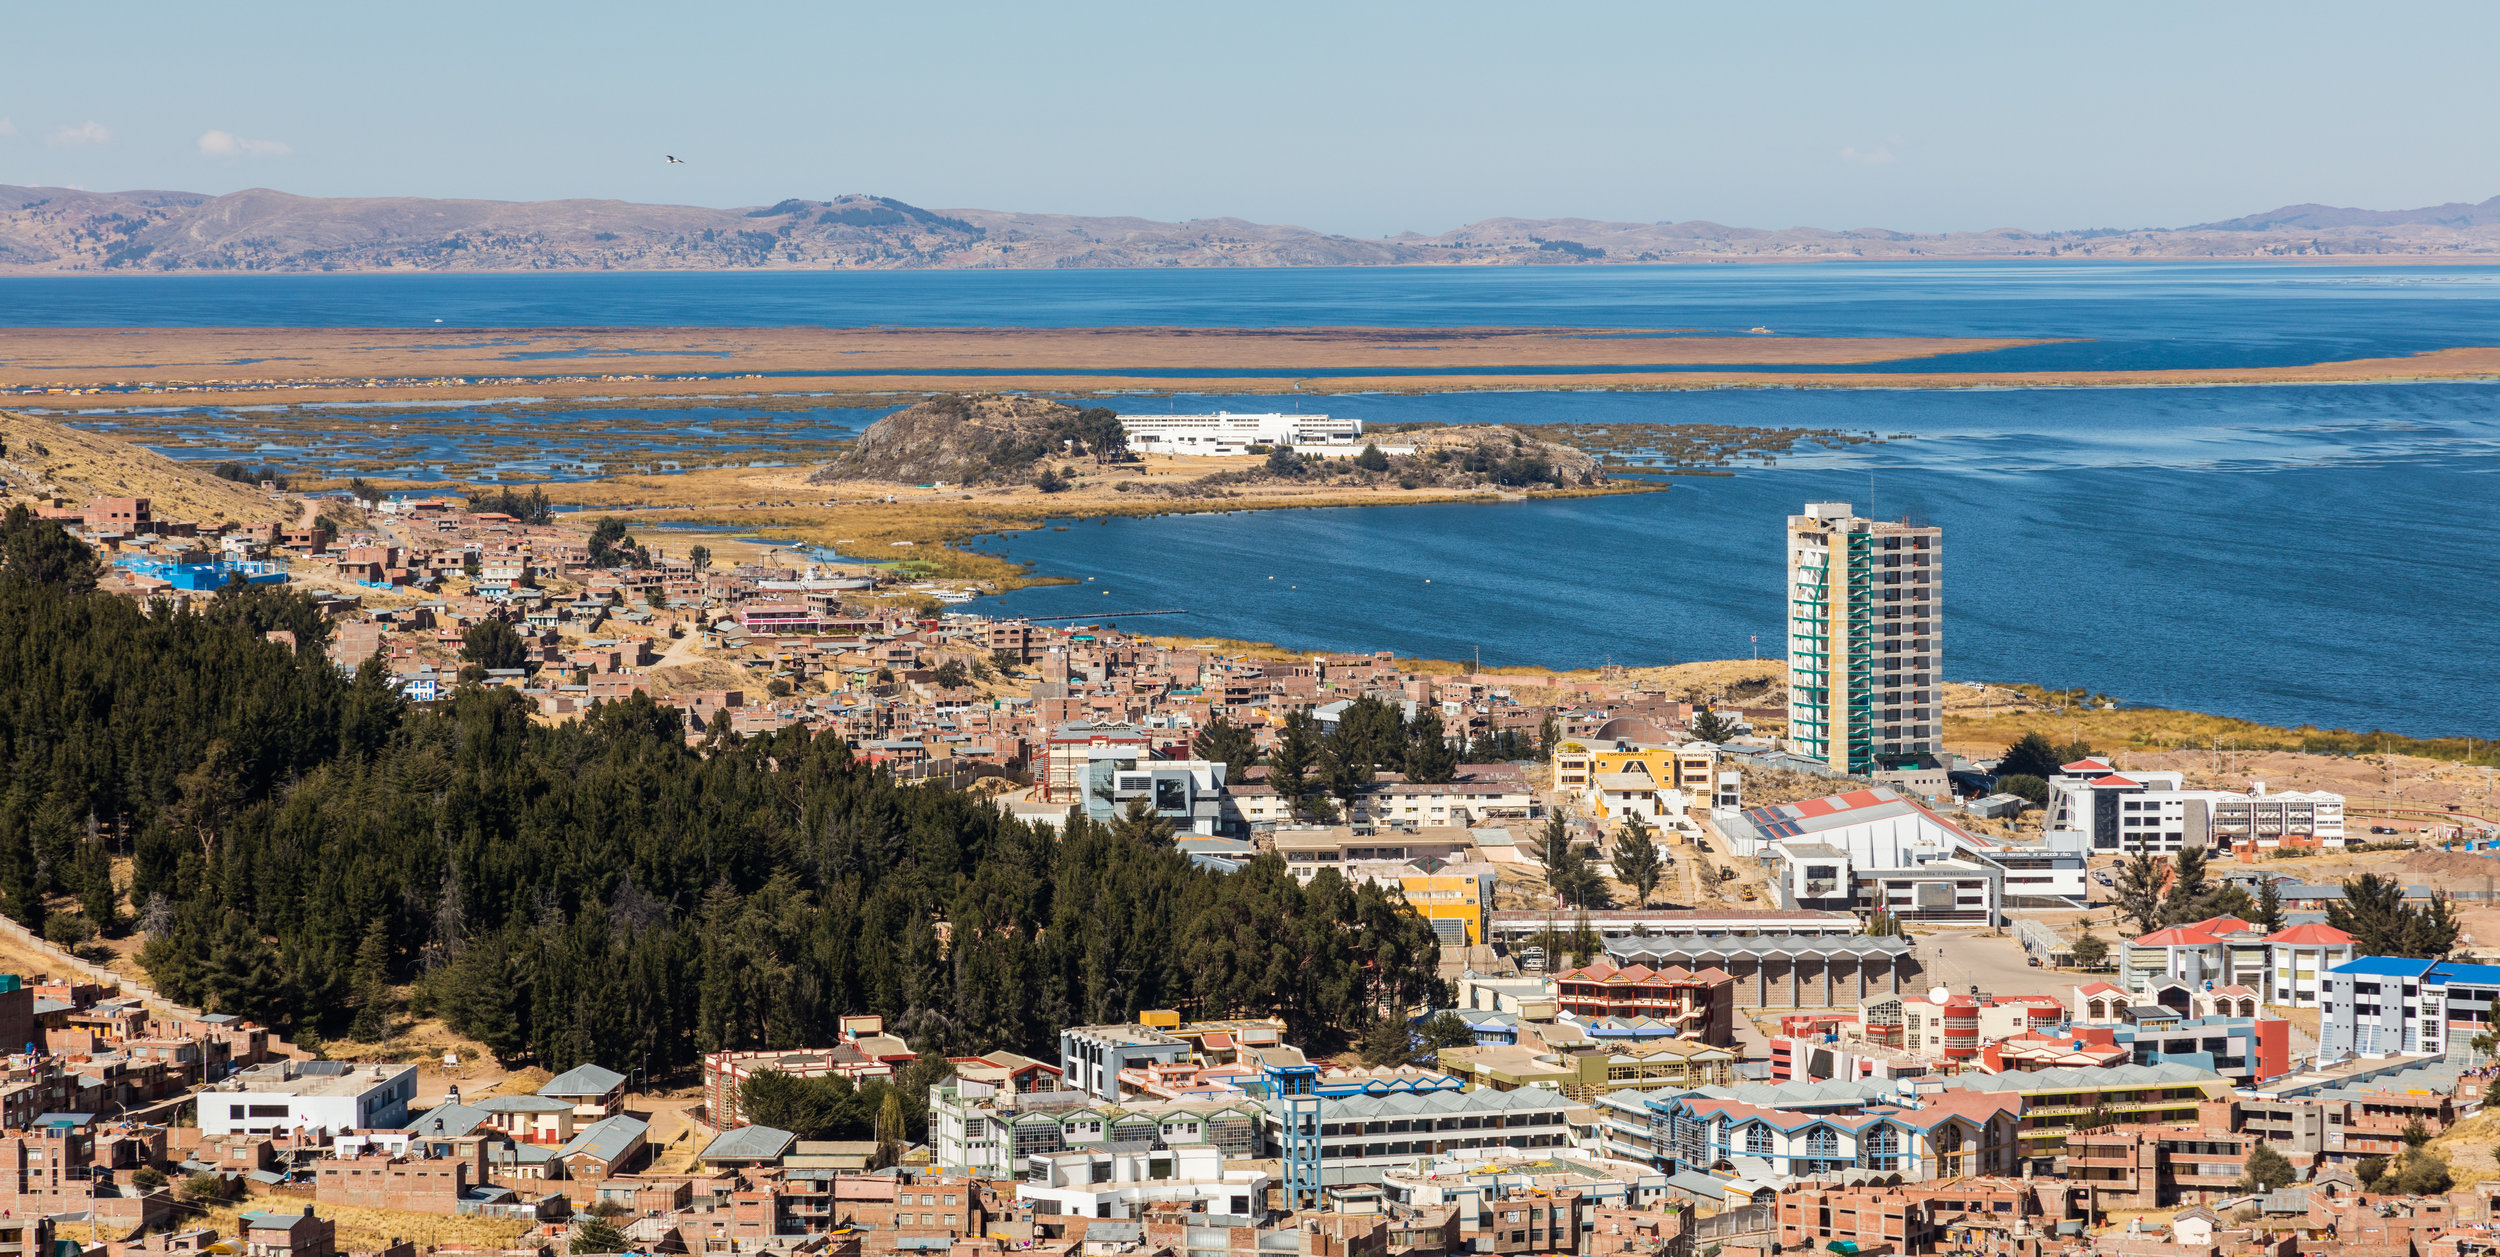 Vista_de_Puno_y_el_Titicaca,_Perú,_2015-08-01,_DD_63.JPG